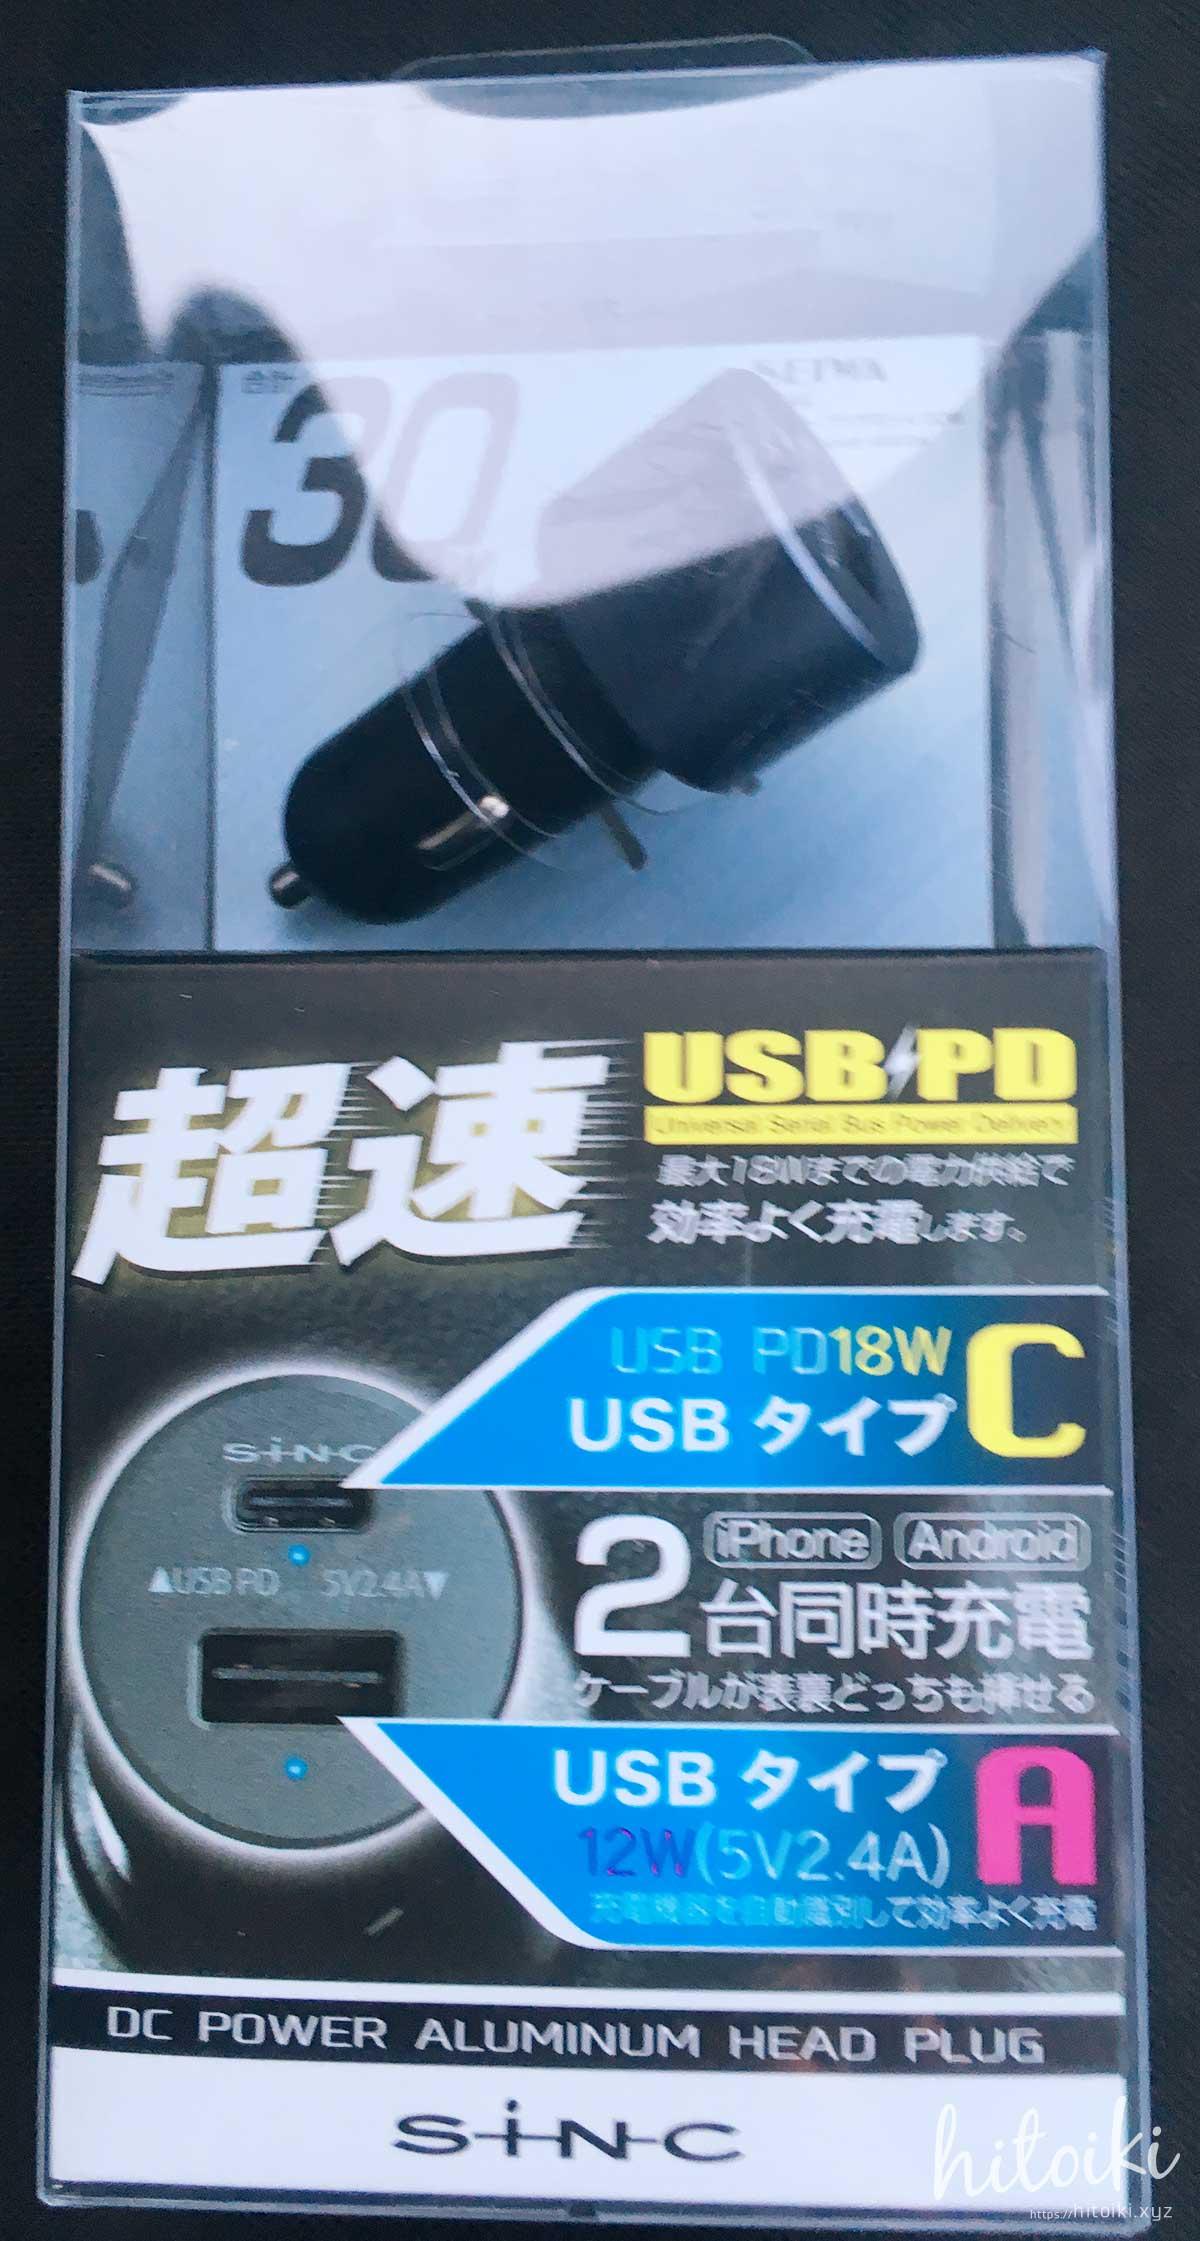 CX-8のUSB充電速度改善!オシャレなSEIWA(セイワ)のシガーソケット F294を実際に購入!評価・評判・人気・口コミ・レビューをまとめた! usb_charger_seiwa_f294_f292_img_0007